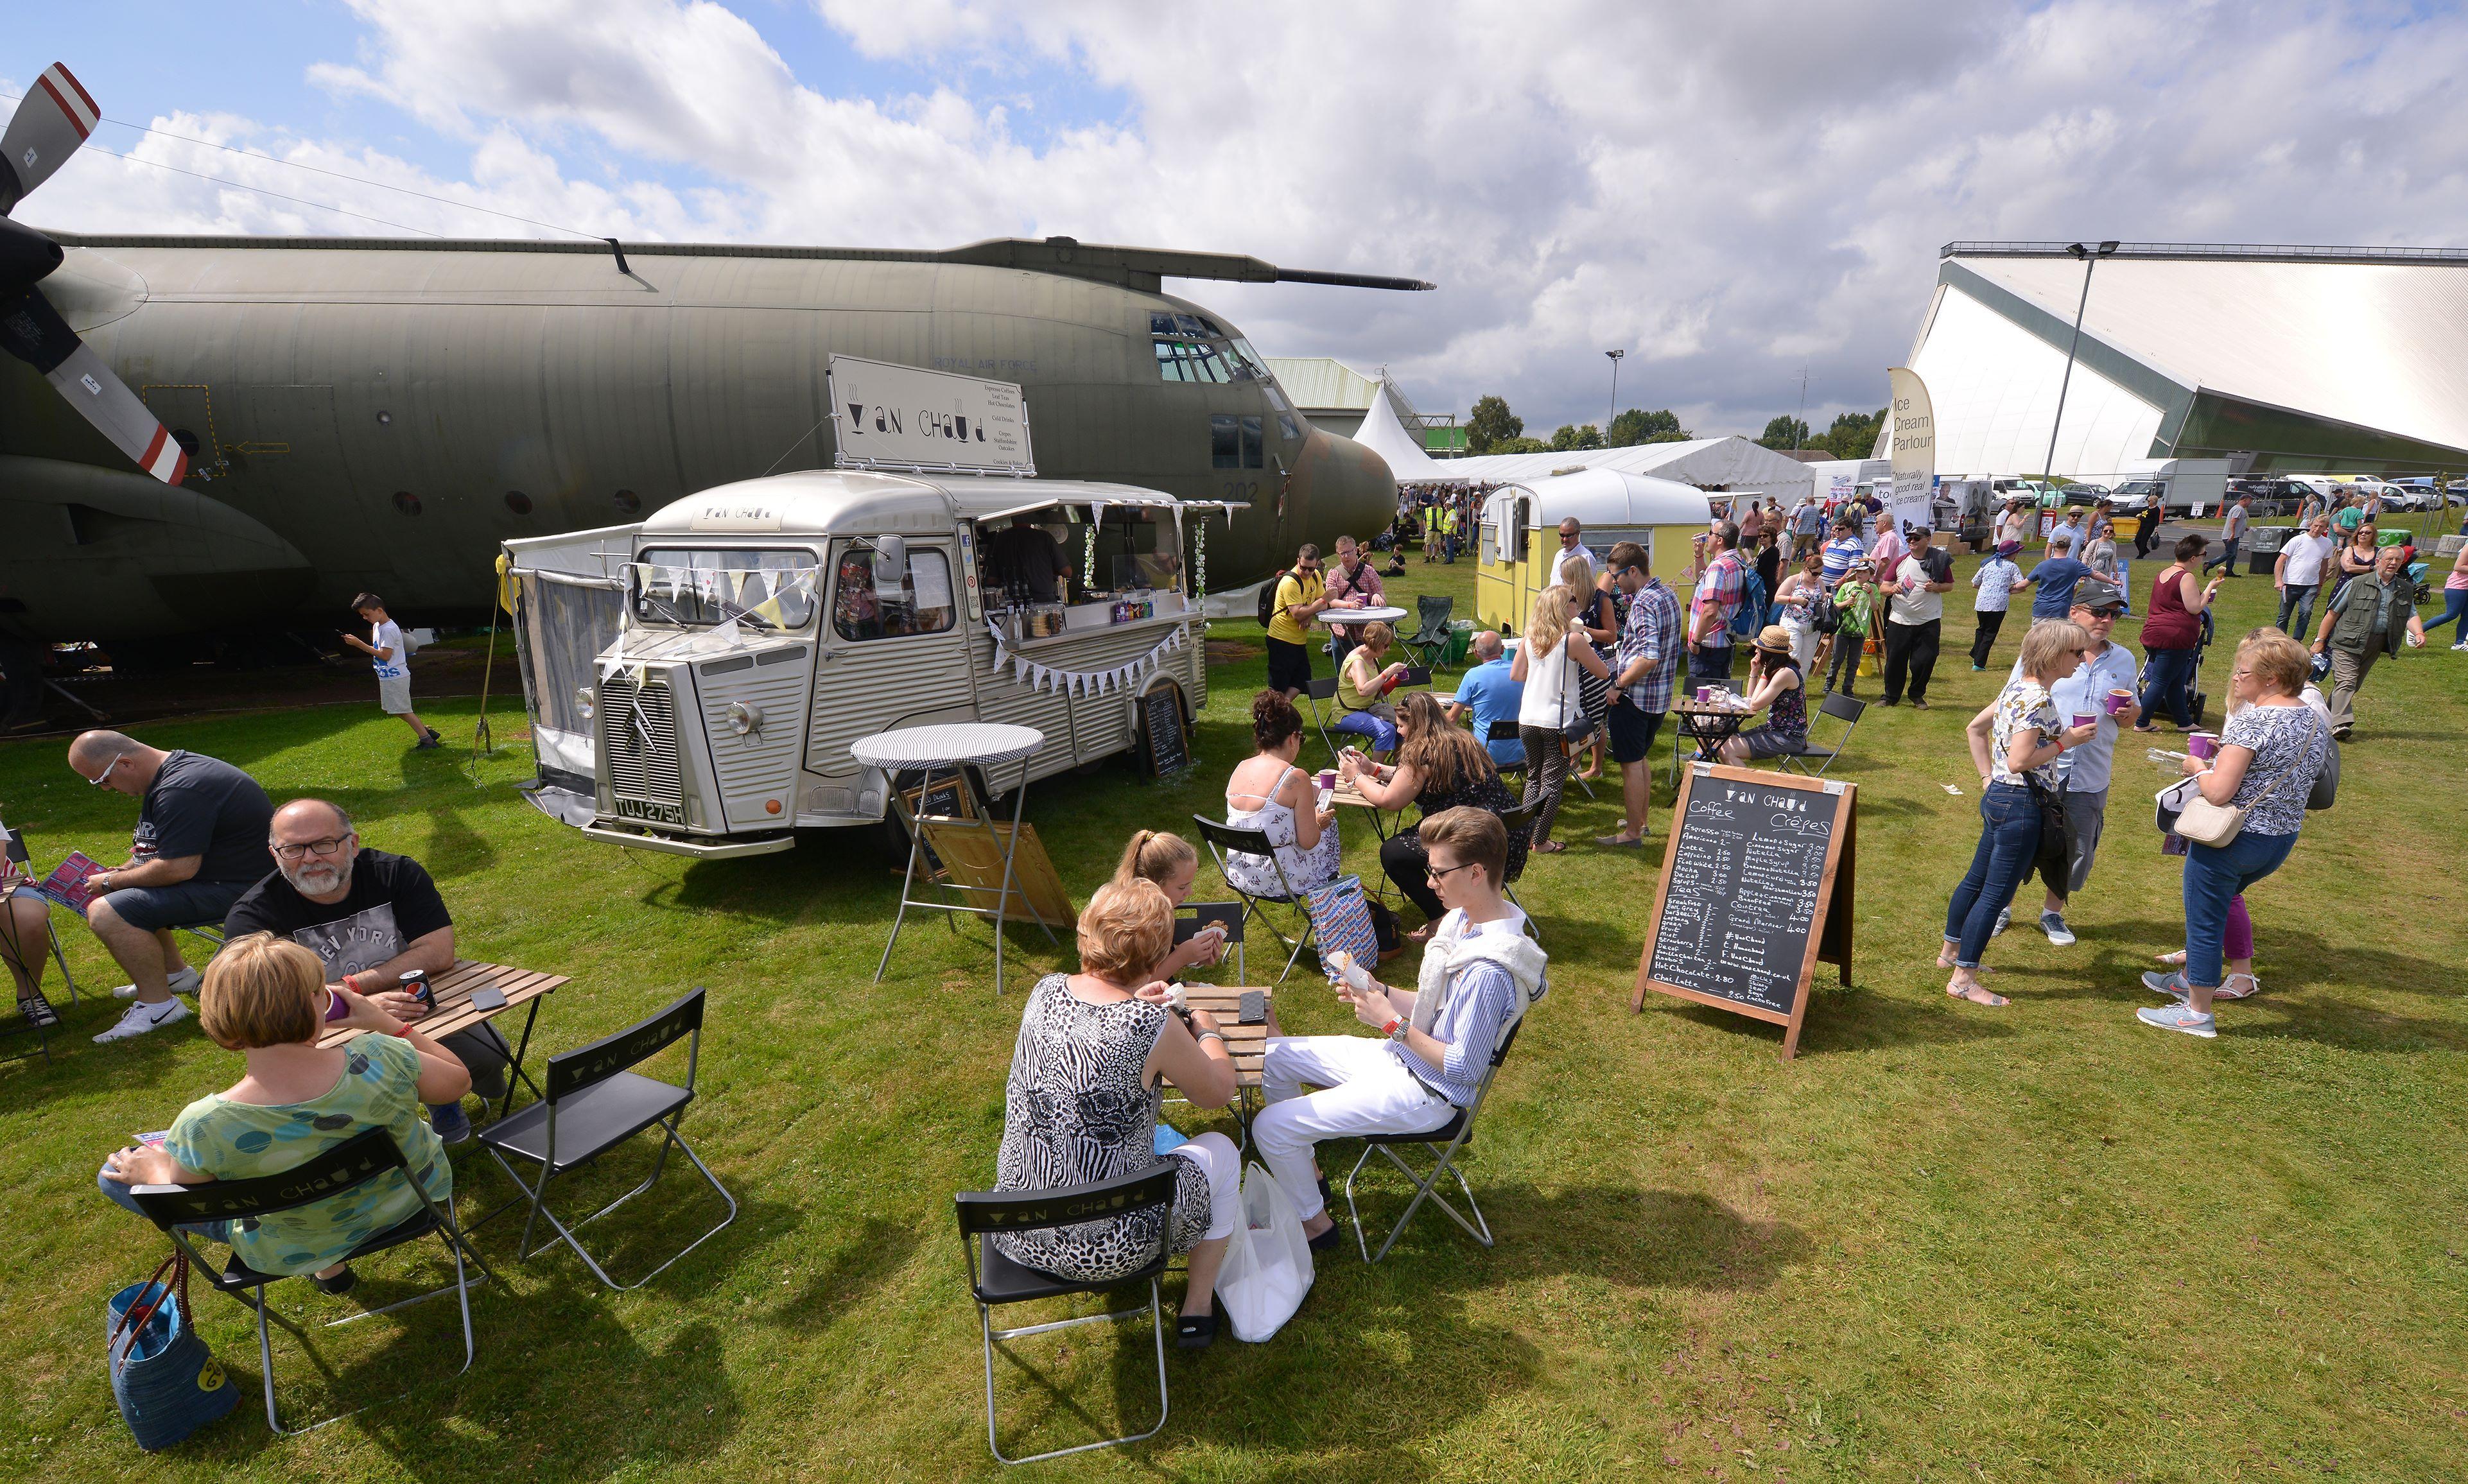 Van Chaud at RAF Cosford Food festival 2016